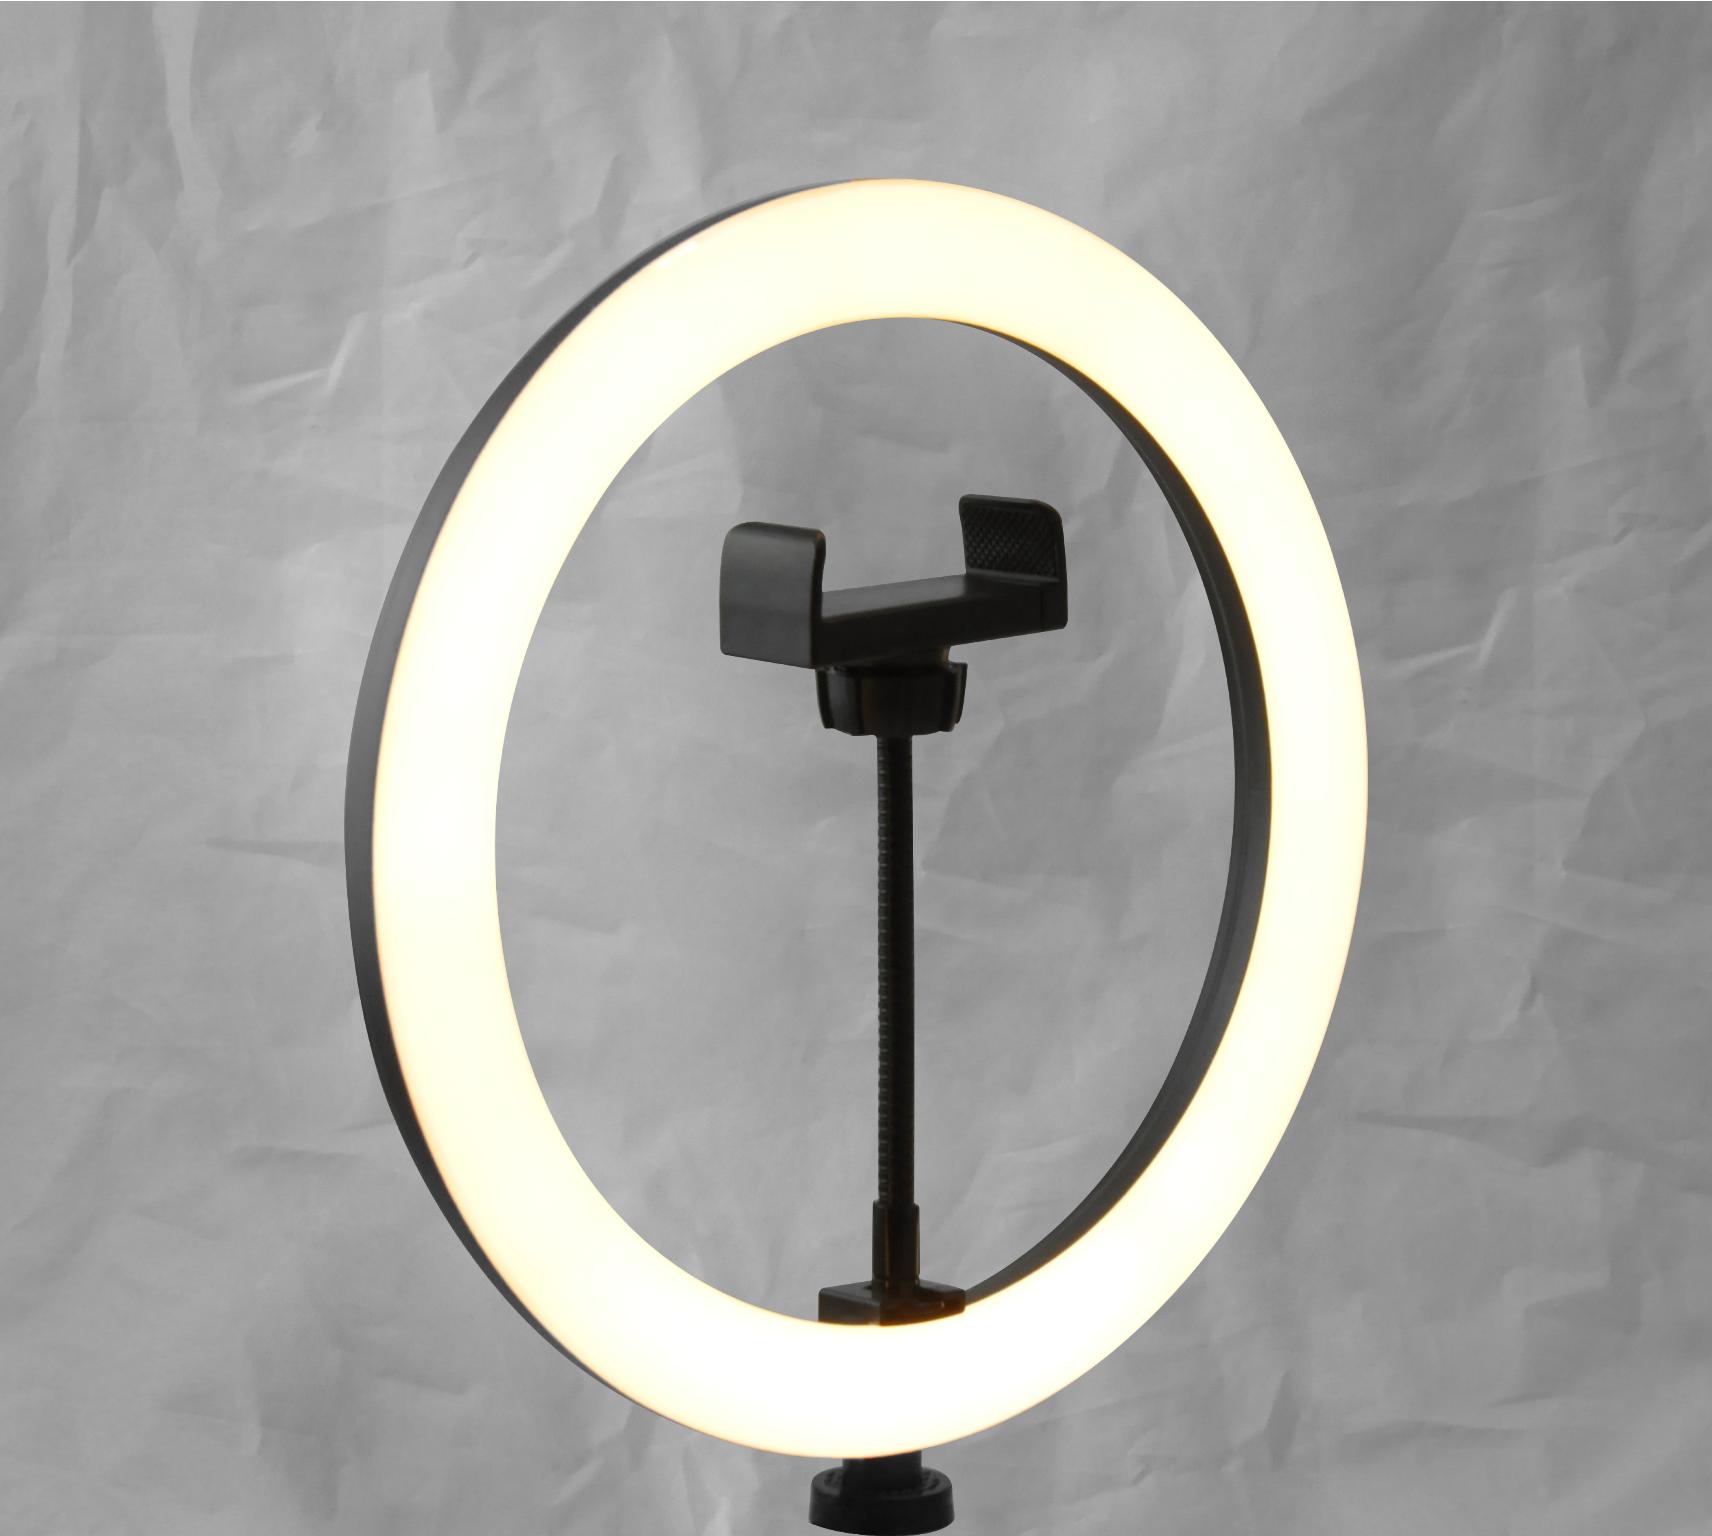 RINGLIGHT-LED-10-8-304265-PT-5TSC